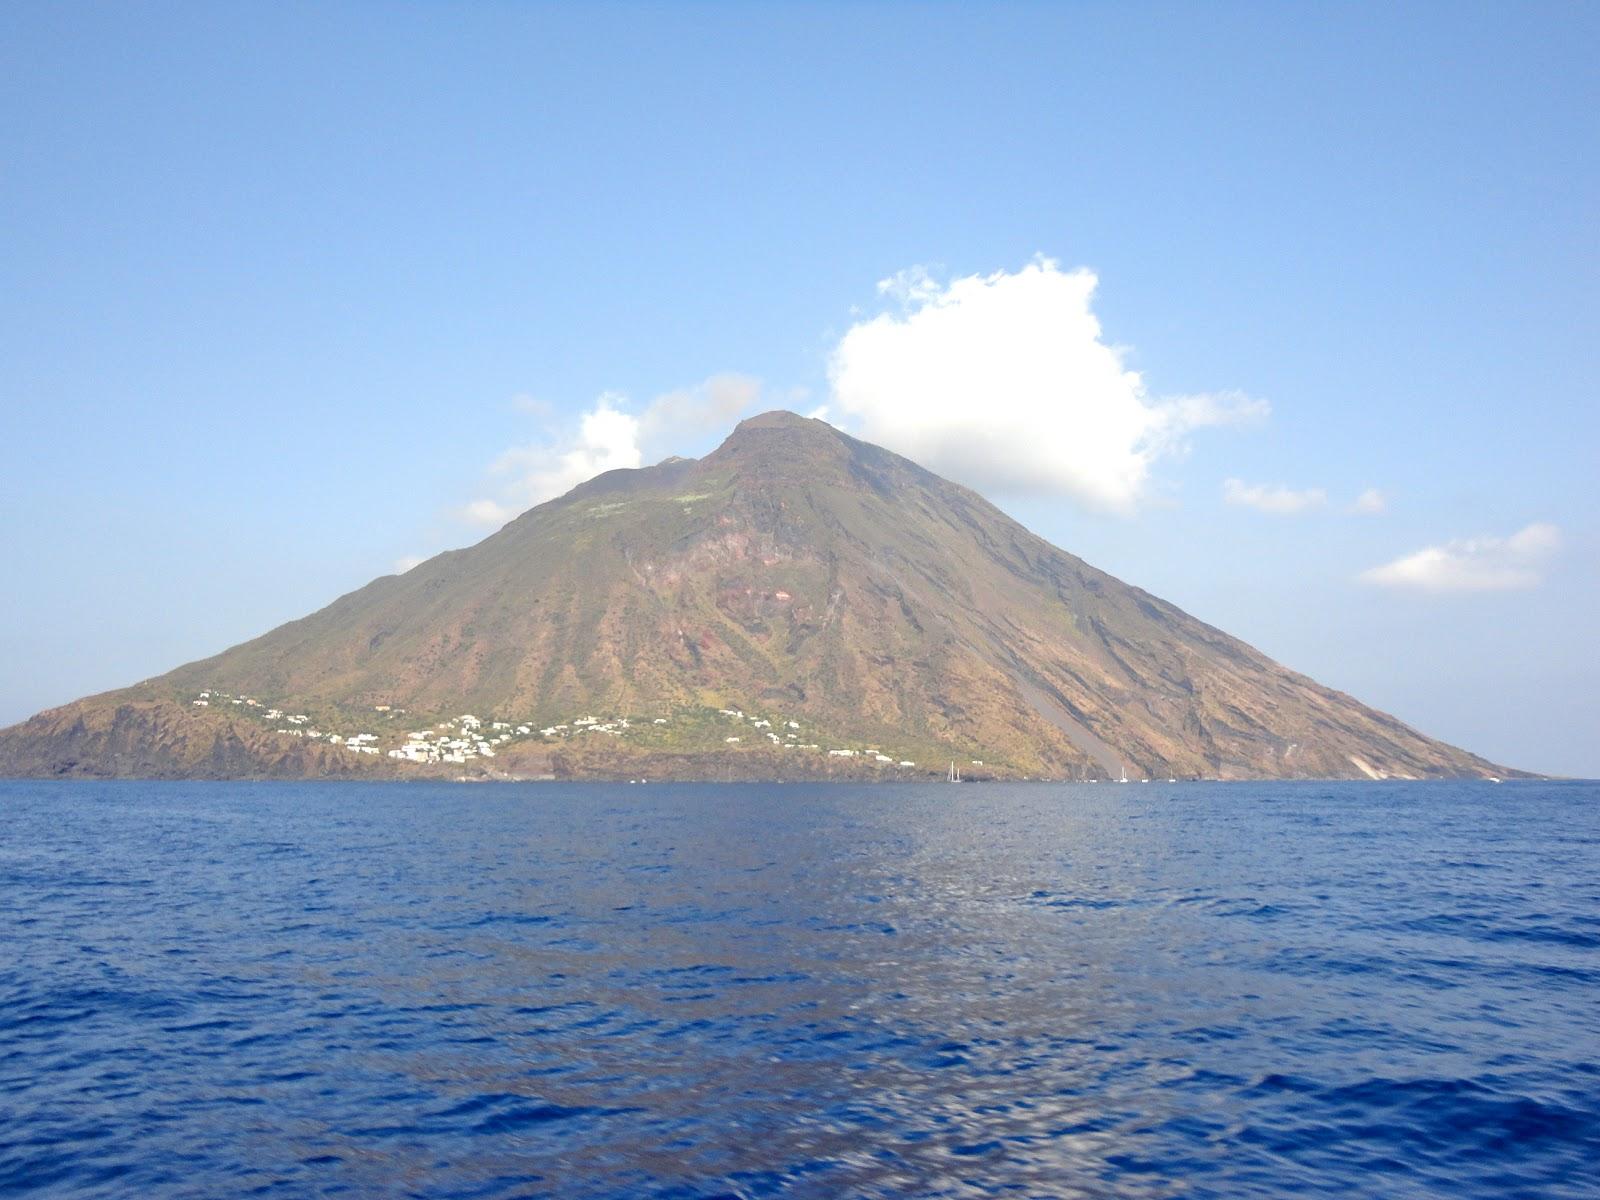 Marliina~: Isole Eolie - Stromboli